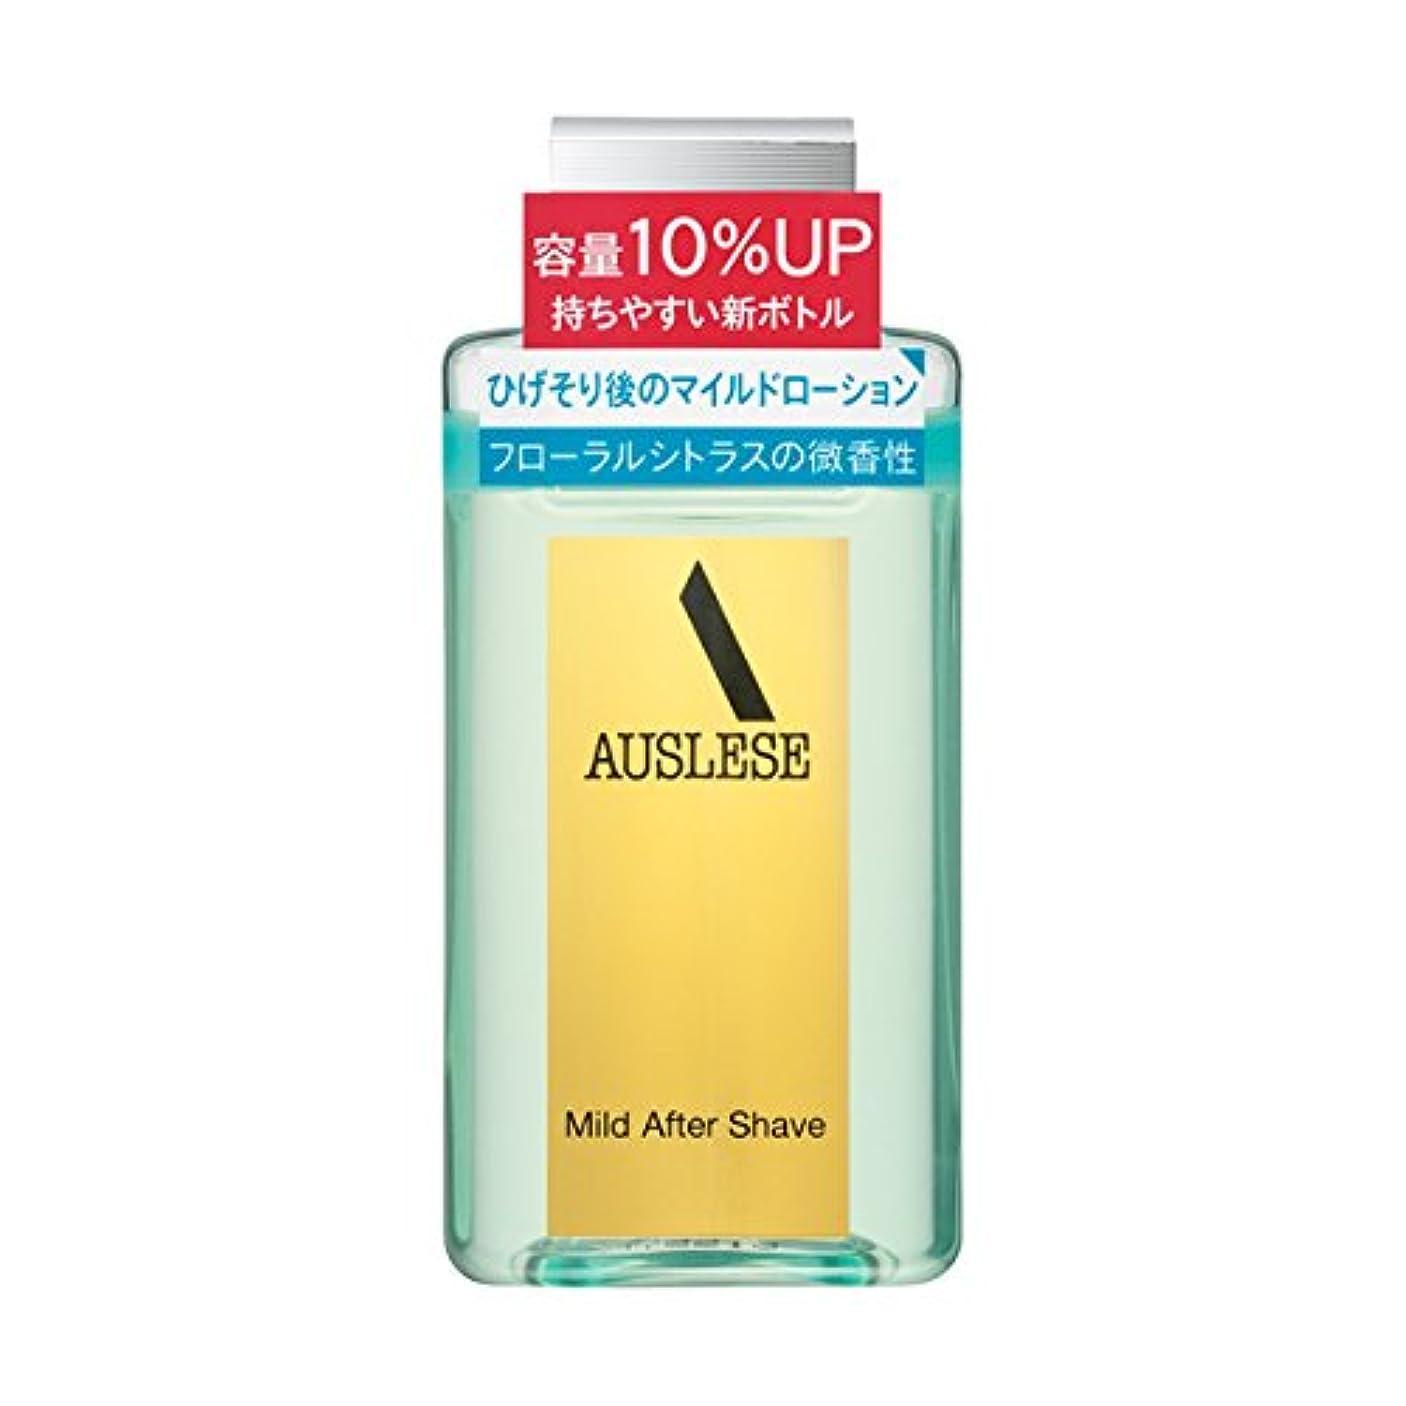 神経寛解懐疑的アウスレーゼ マイルドアフターシェーブN 110mL 【医薬部外品】